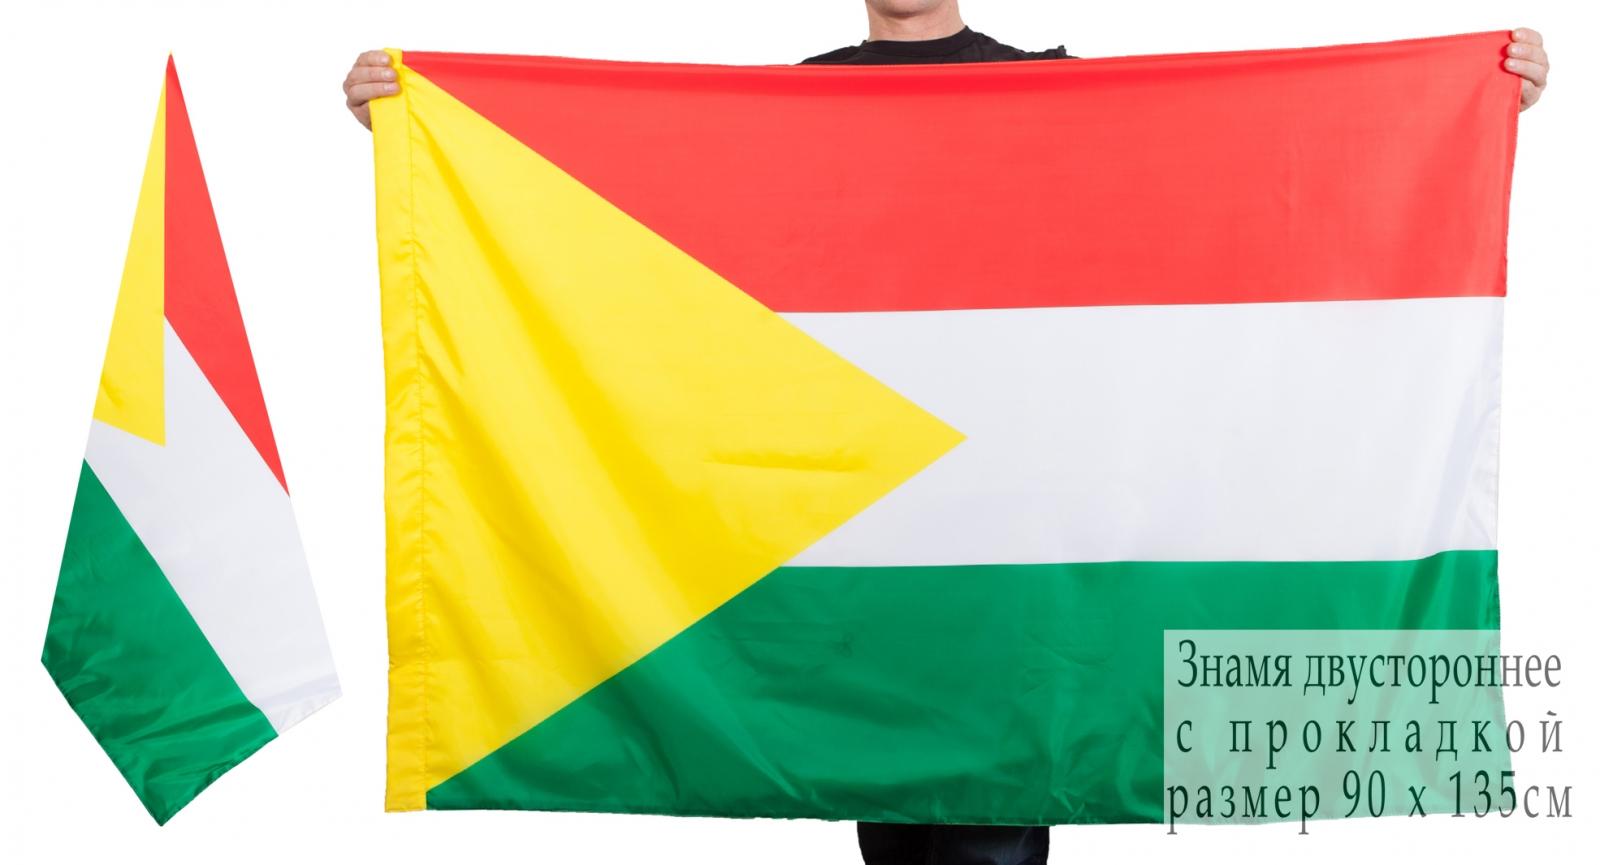 Двухсторонний флаг Читы